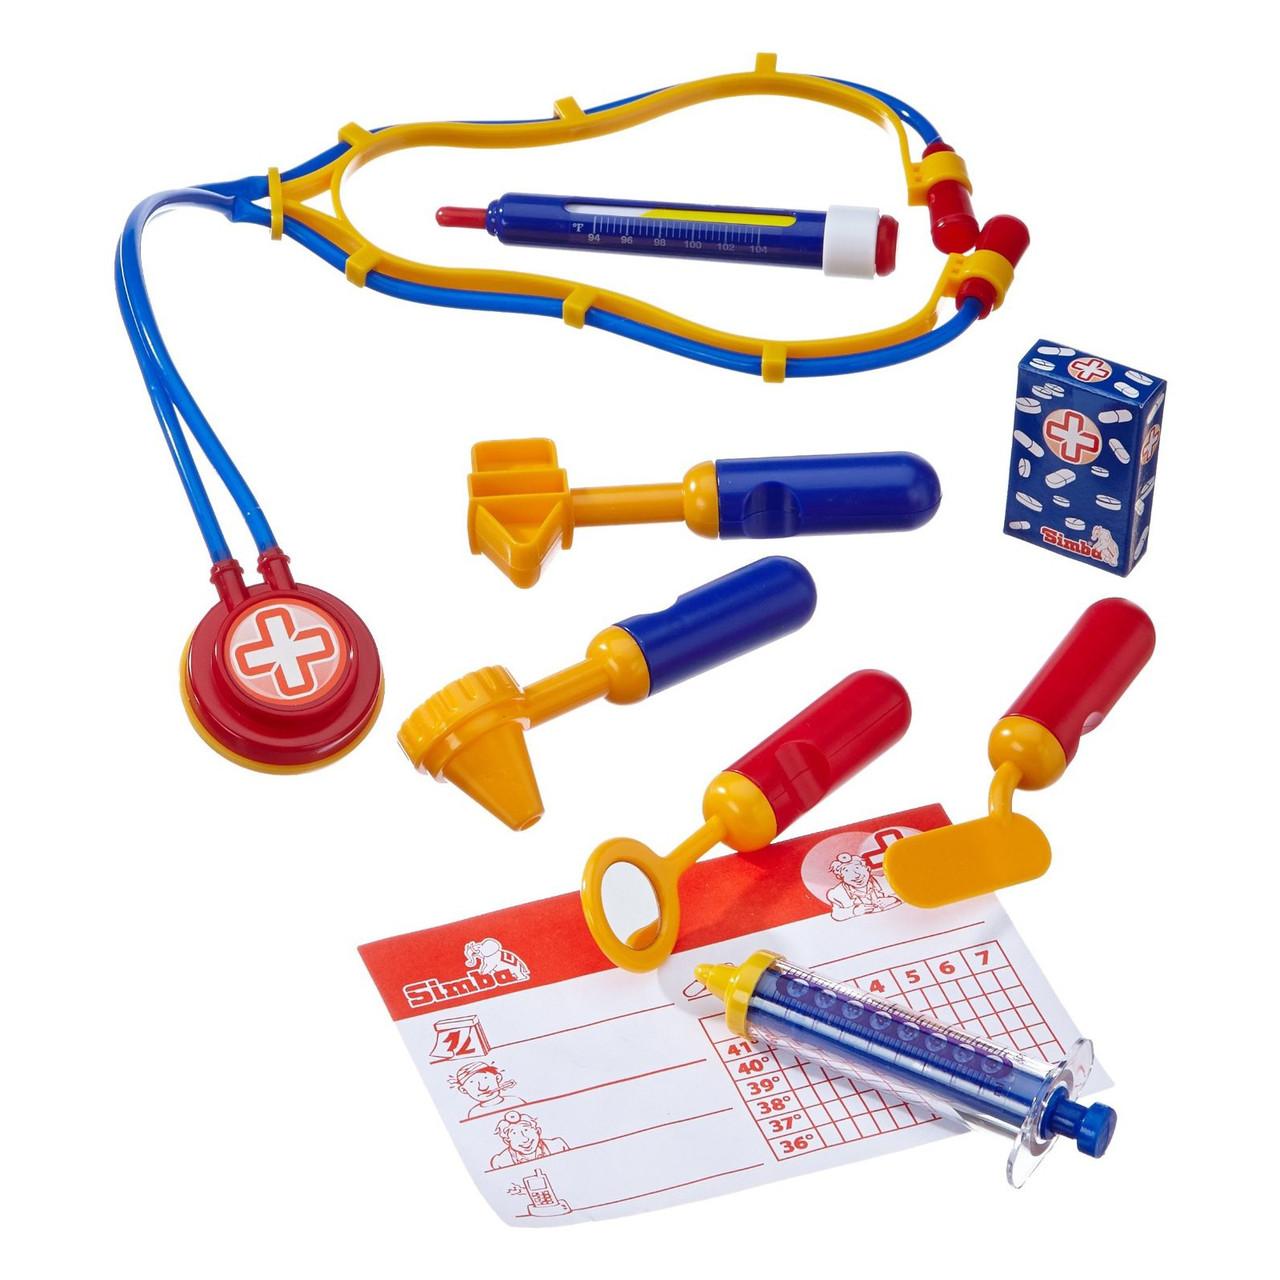 Игровой набор «Simba» (5549757) набор доктора в чемодане 20x13, 9 предметов